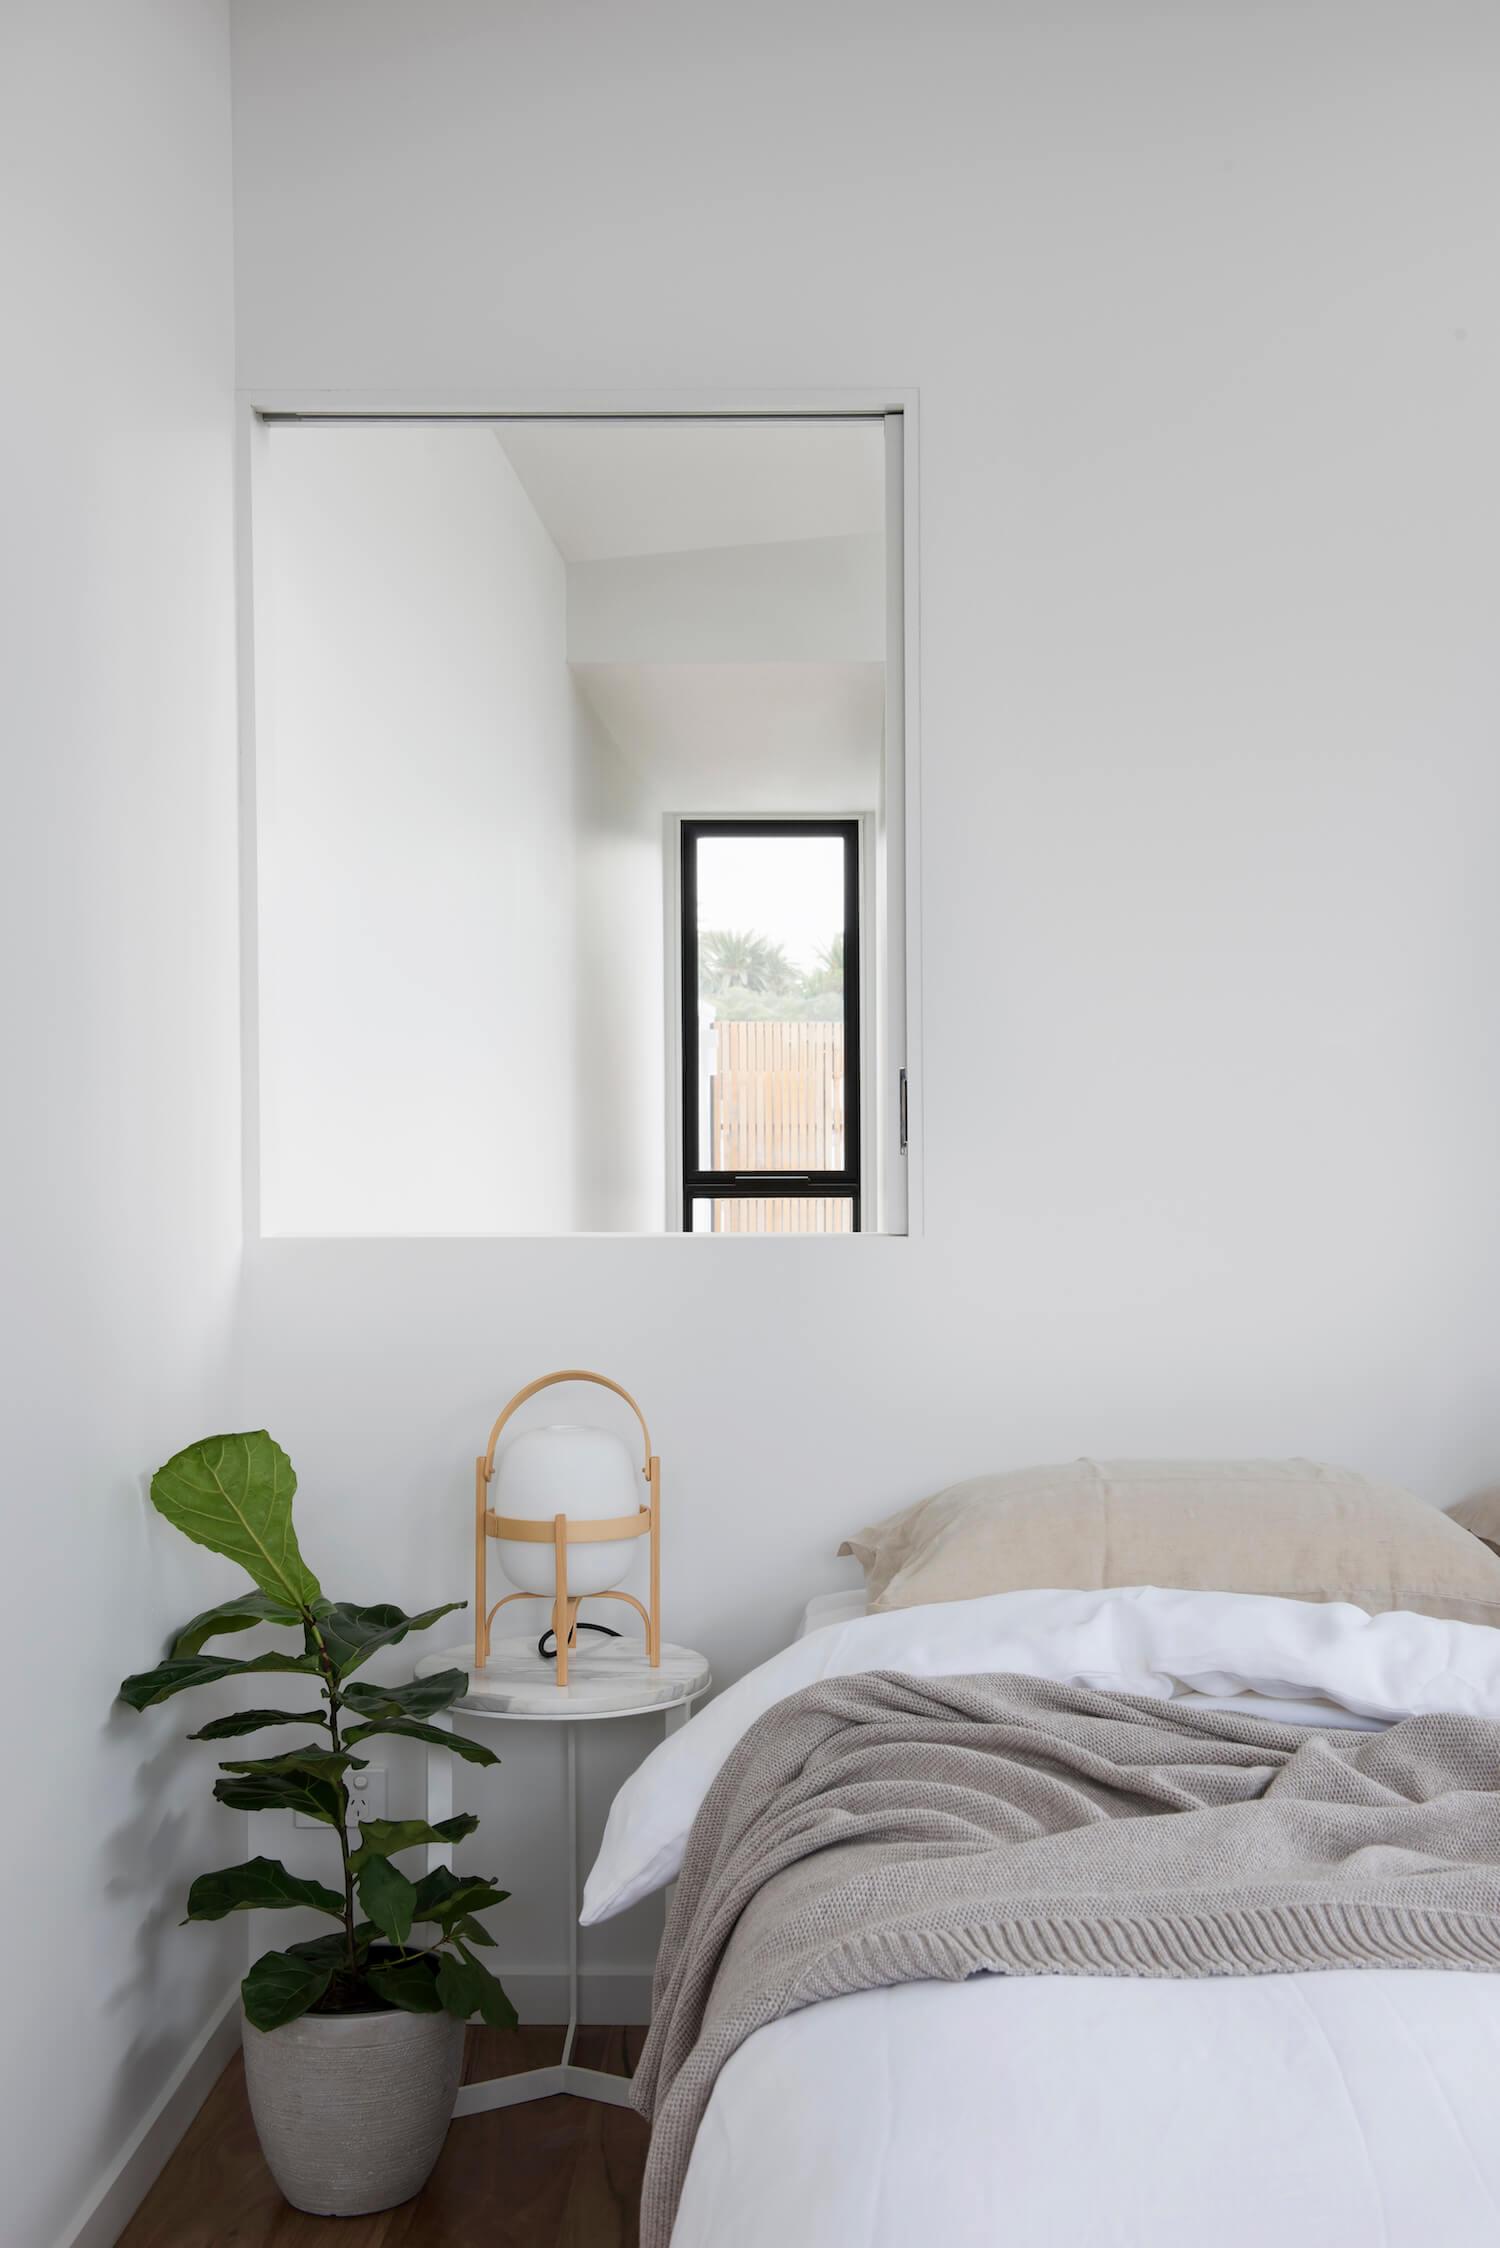 est living port melbourne home winter architecture 7